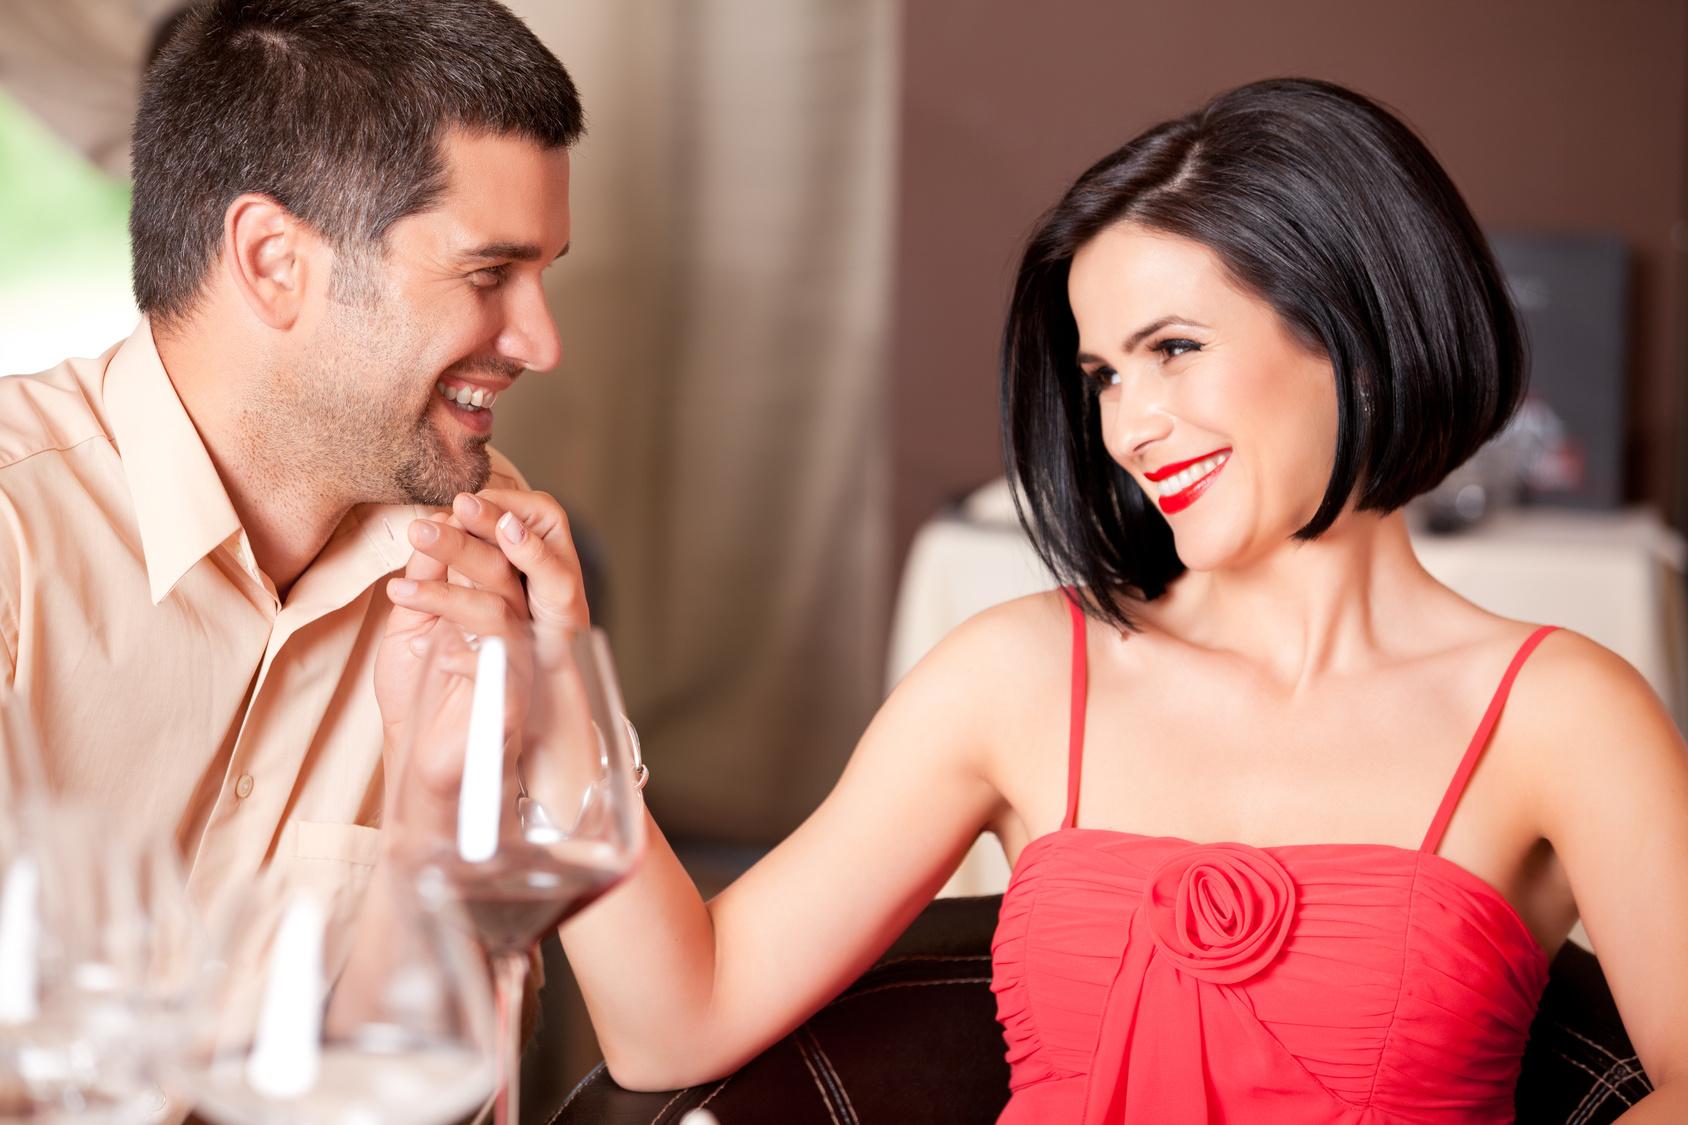 Правильное поведение женщины с мужчиной